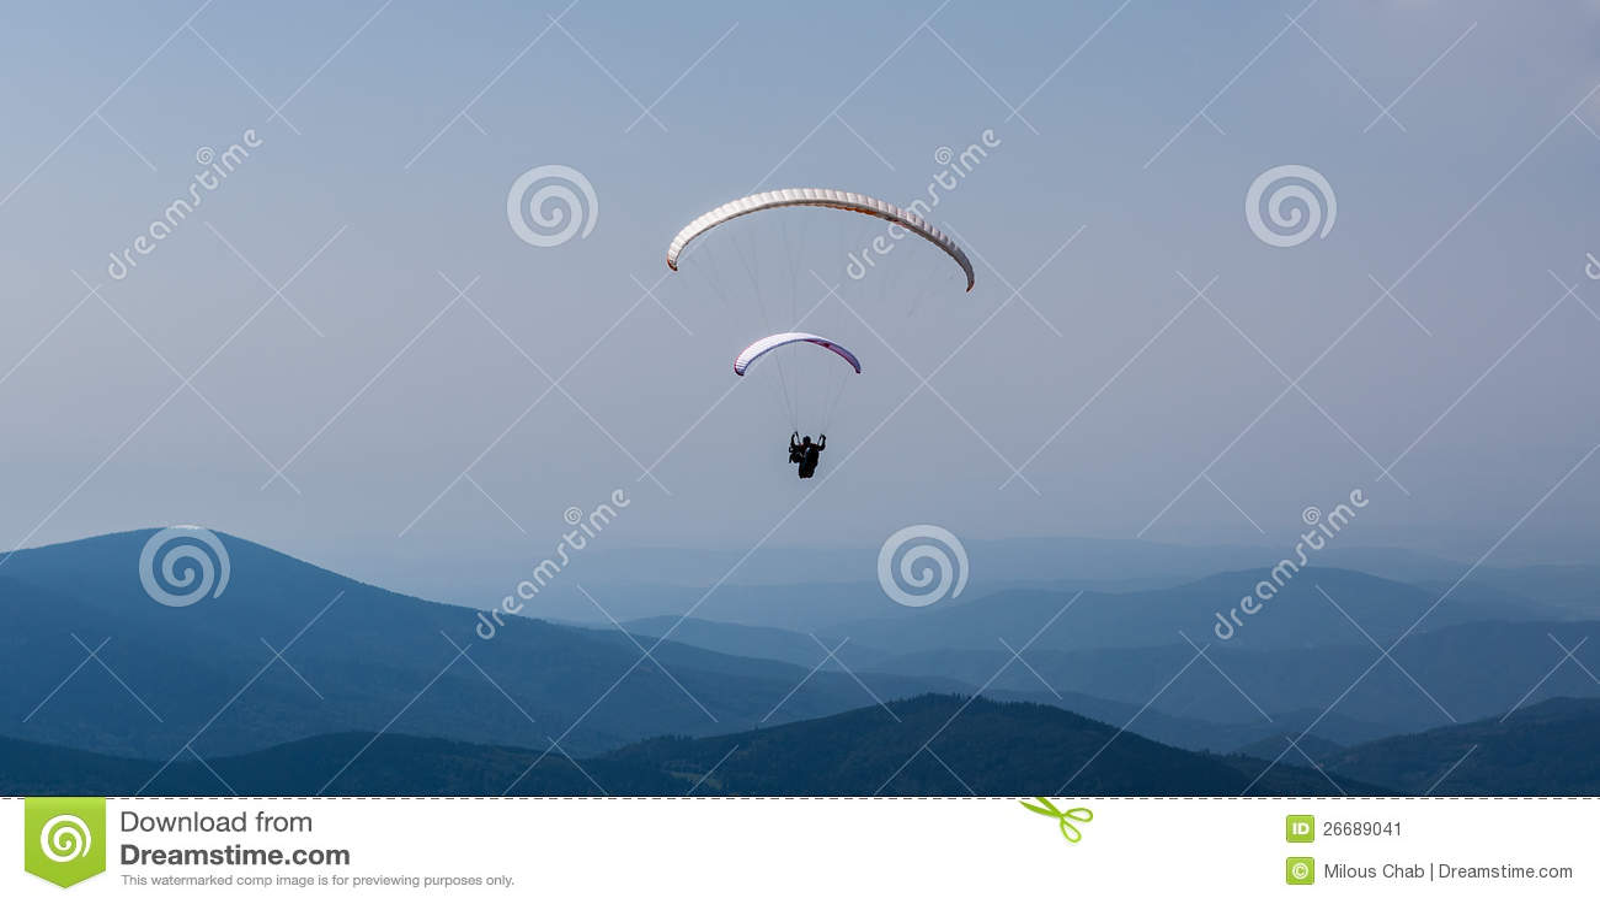 Paragliding sobre a montanha de encontro ao céu azul